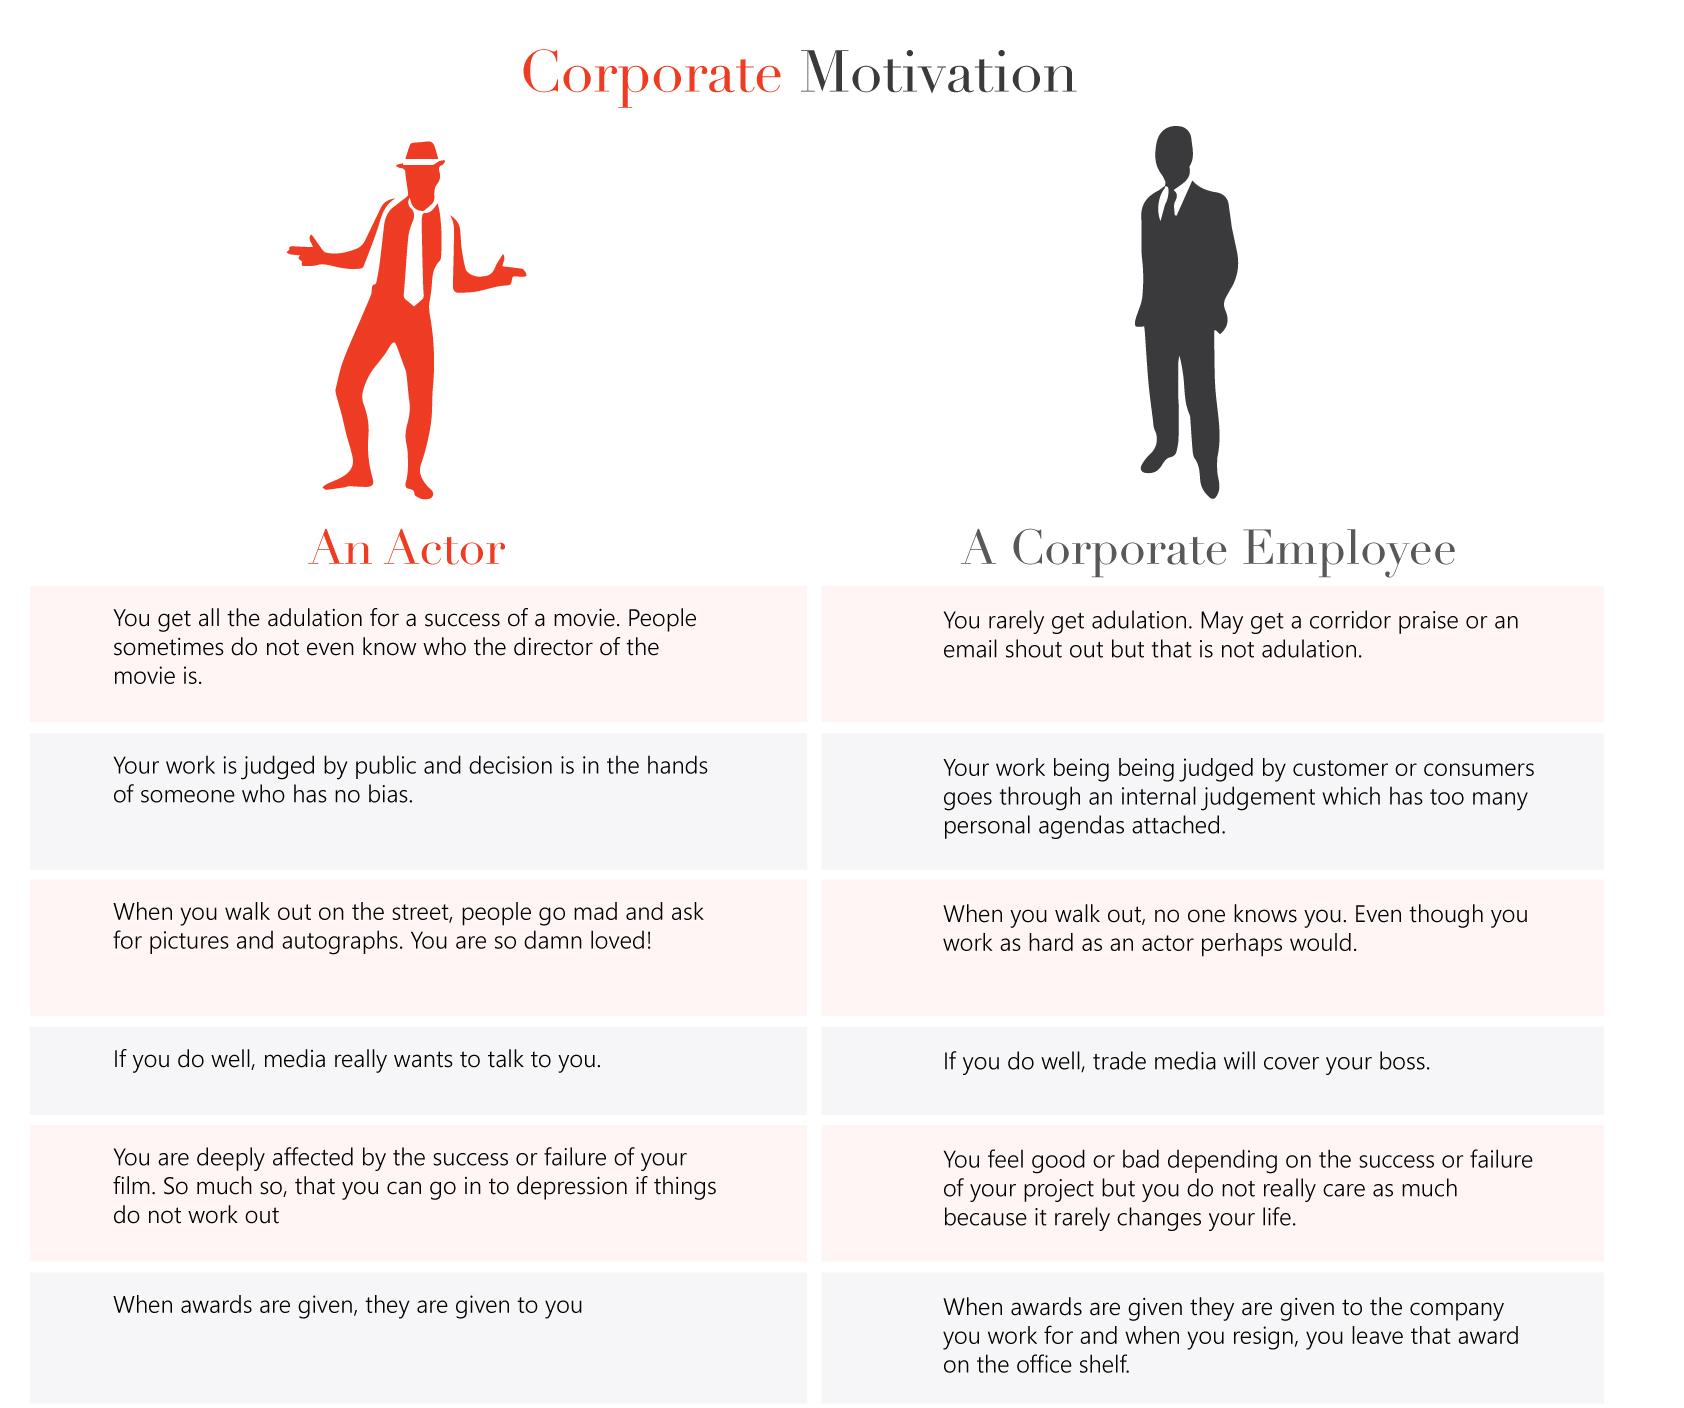 employee-actor2